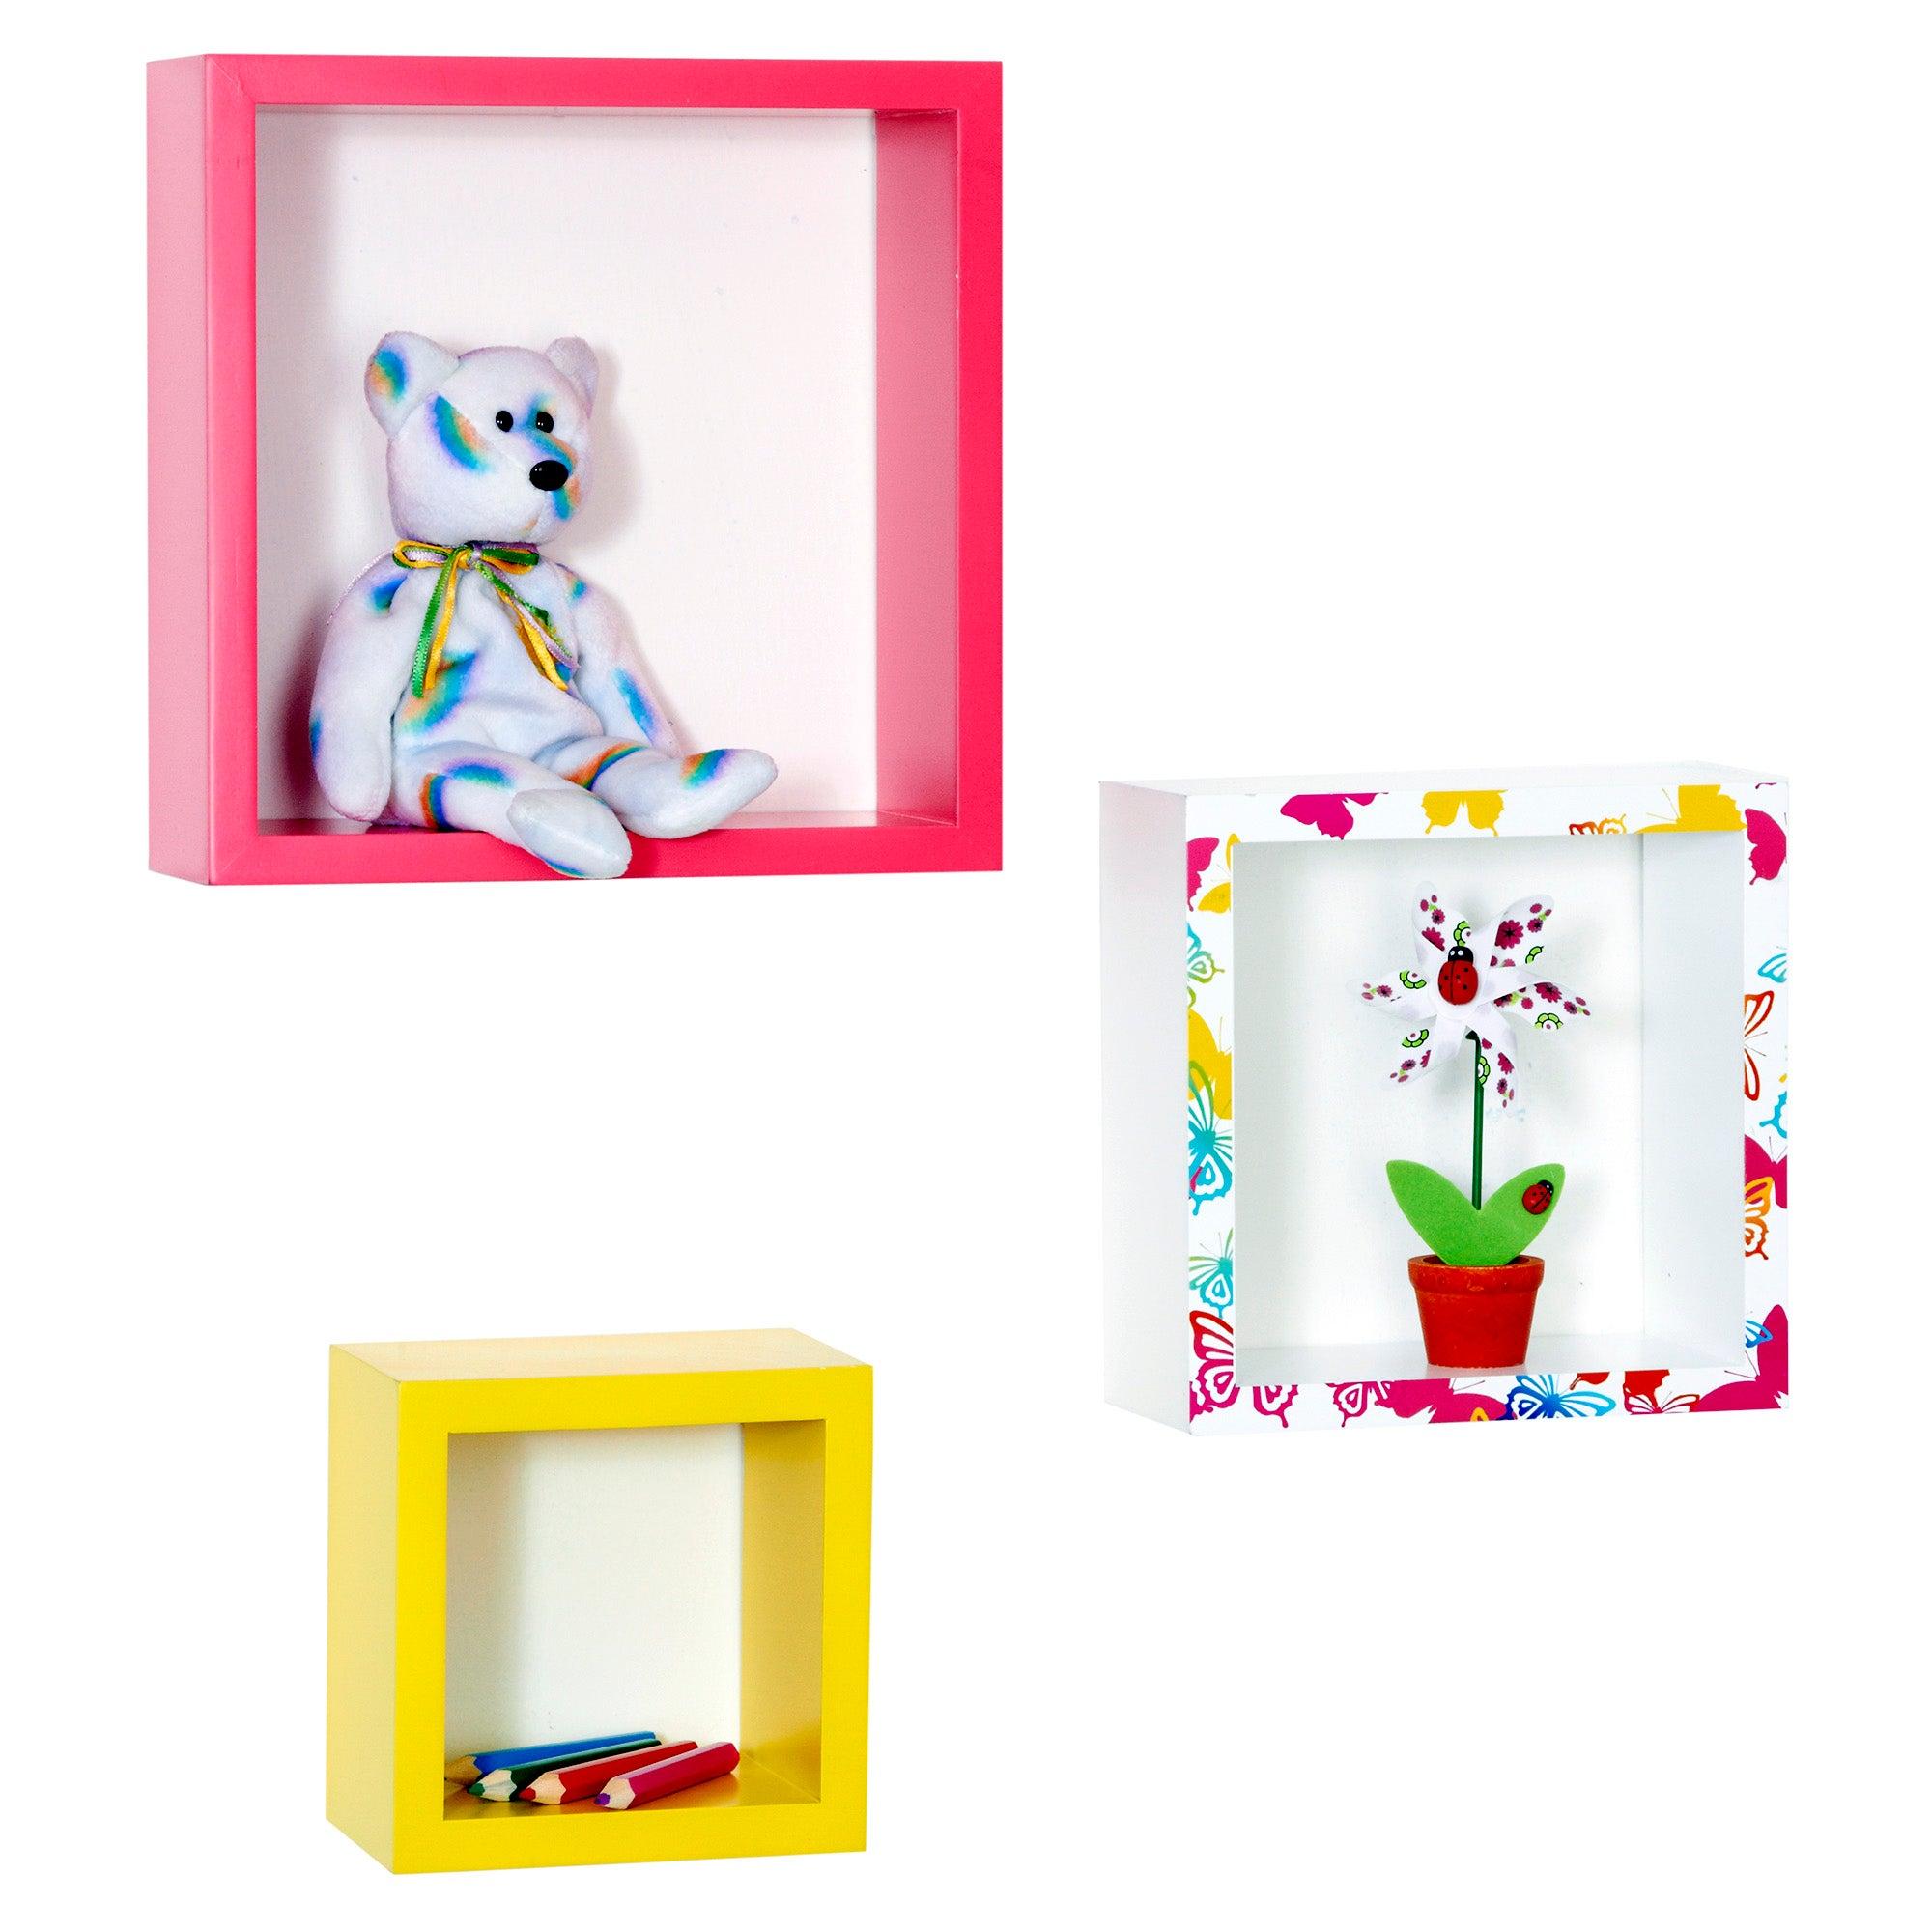 Kids Bright Butterflies Collection 3 Box Shelves